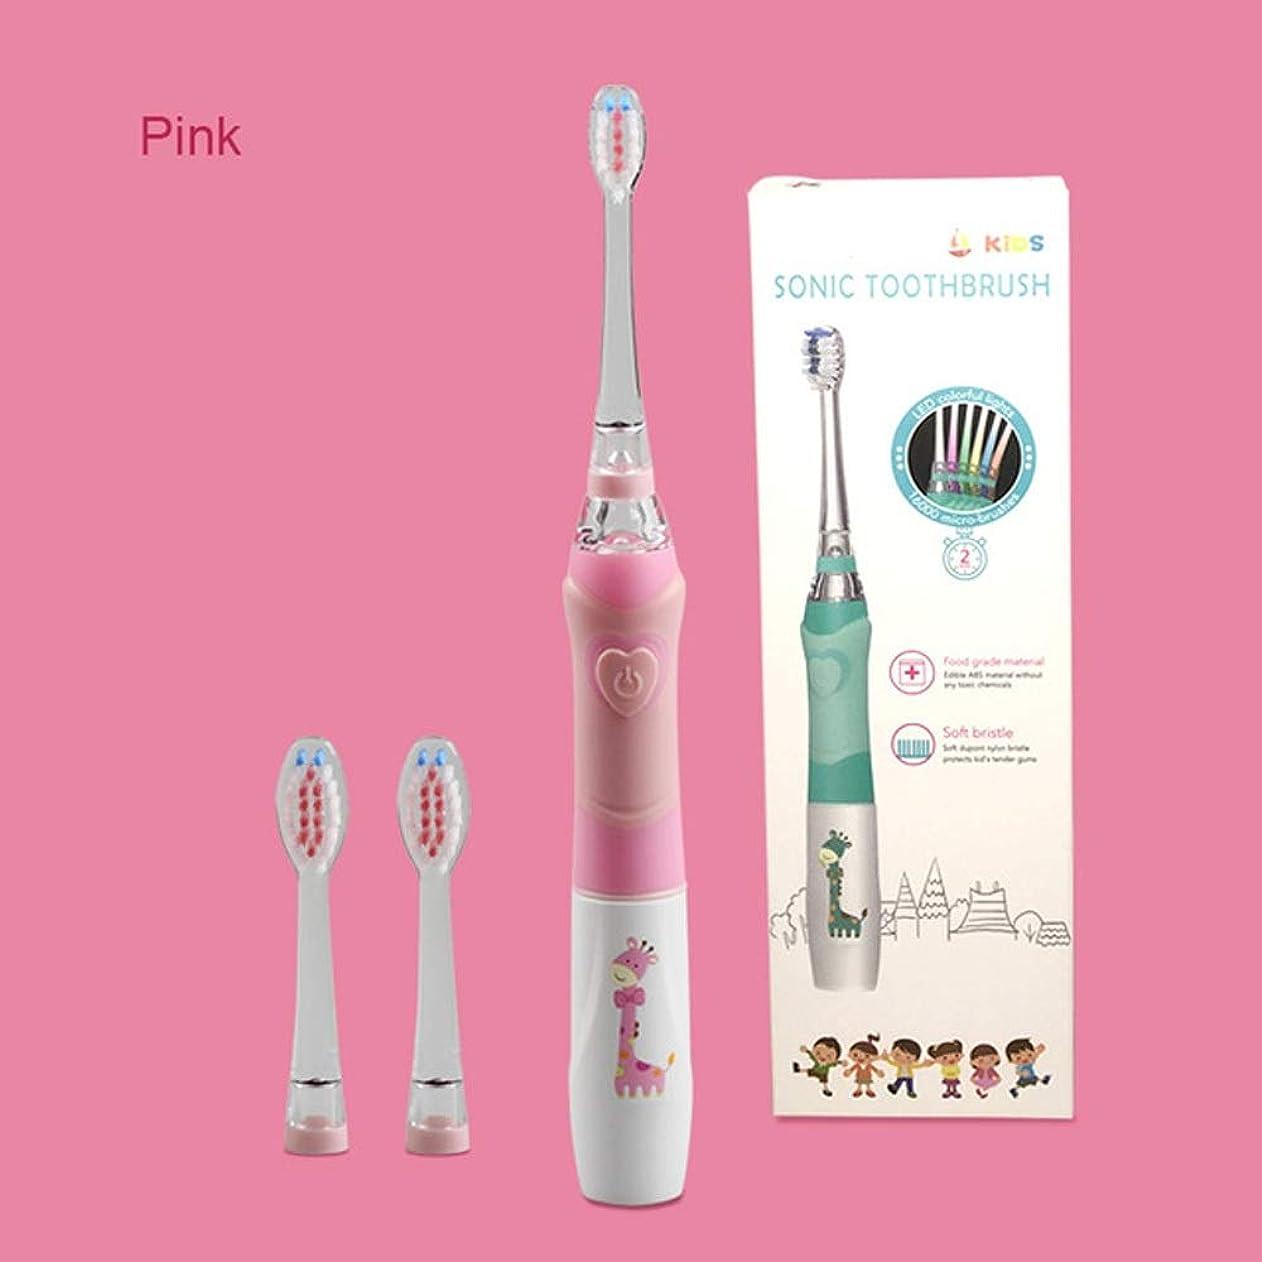 やさしく息苦しいタックルBeTyd 子供電動歯ブラシ用3-12年齢バッテリー子供用歯ブラシLEDソニック子供歯ブラシ付きタイマー3ノズル (Color : Pink)